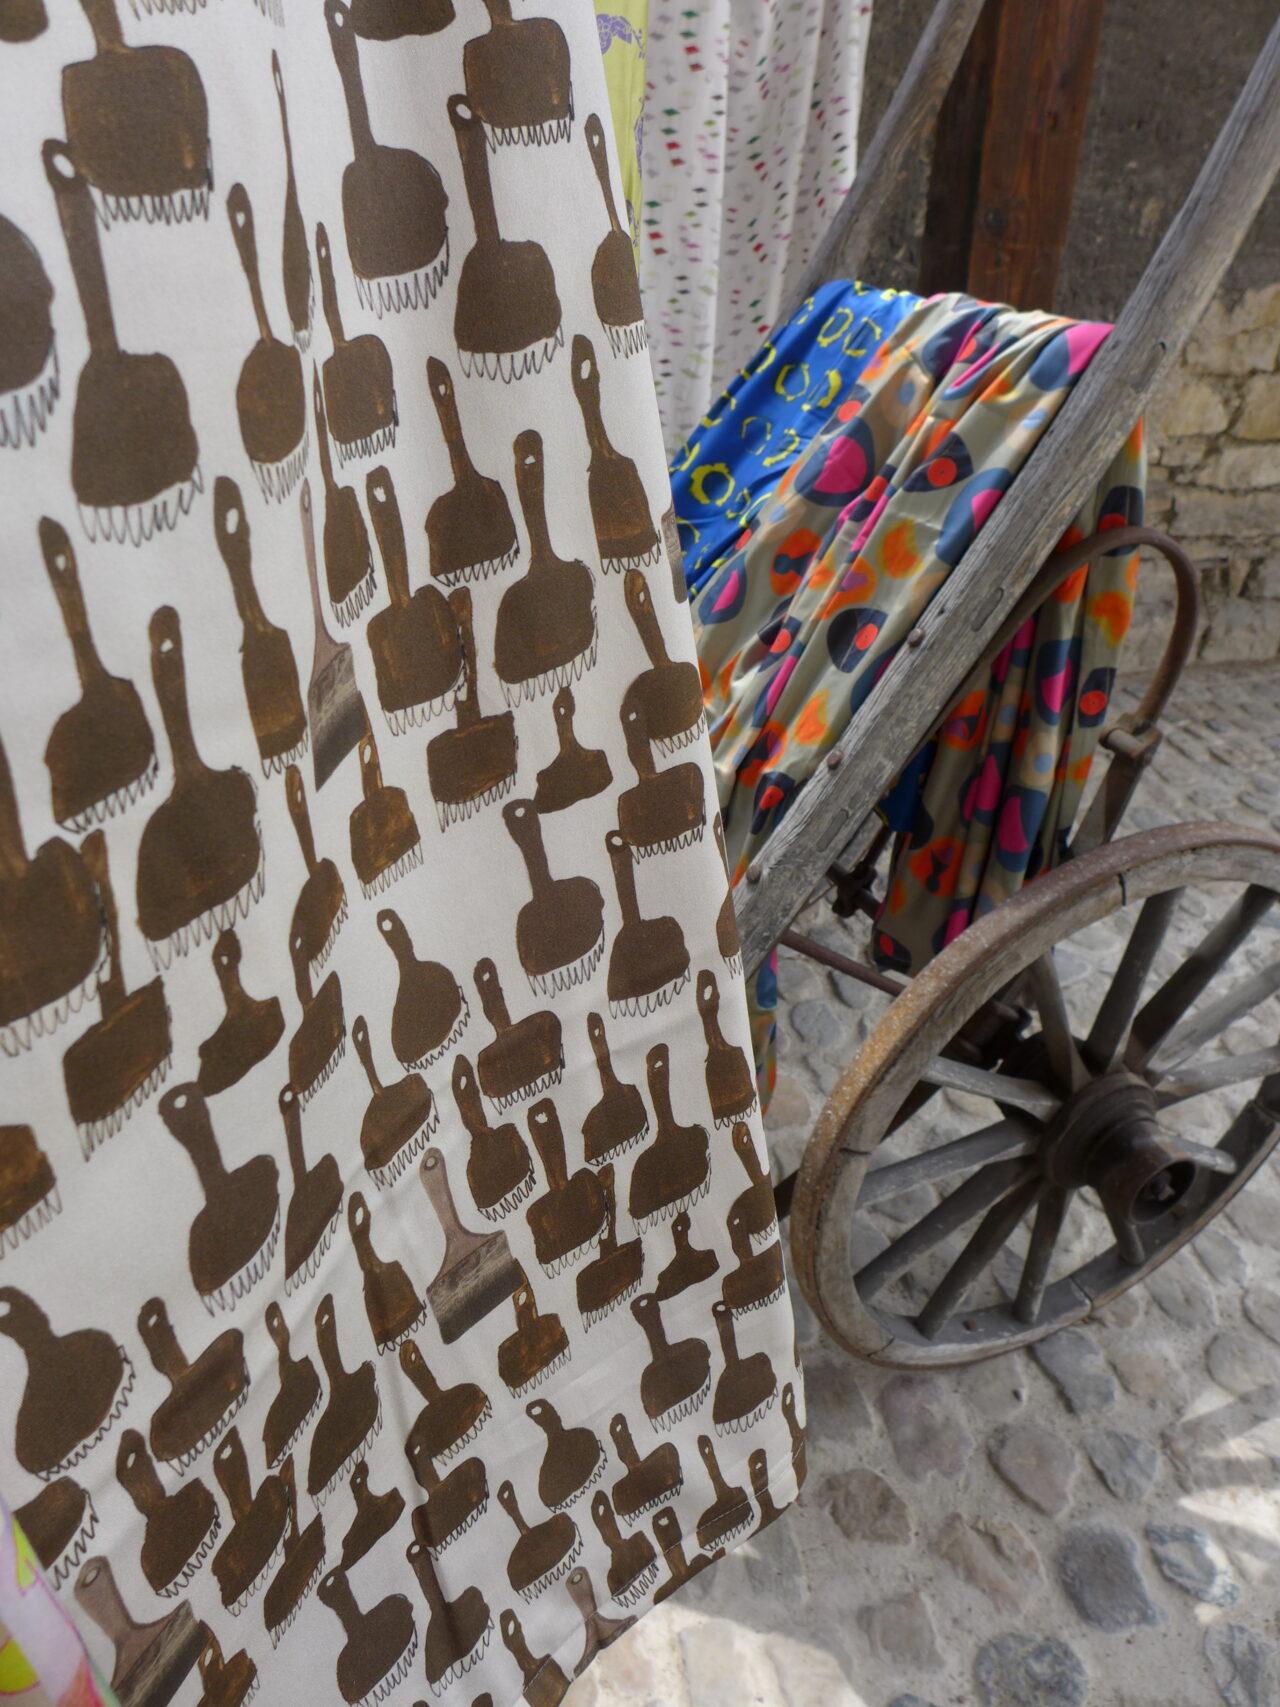 kunst-menschen-mit-behinderungen-textildesign-ikea-stiftung